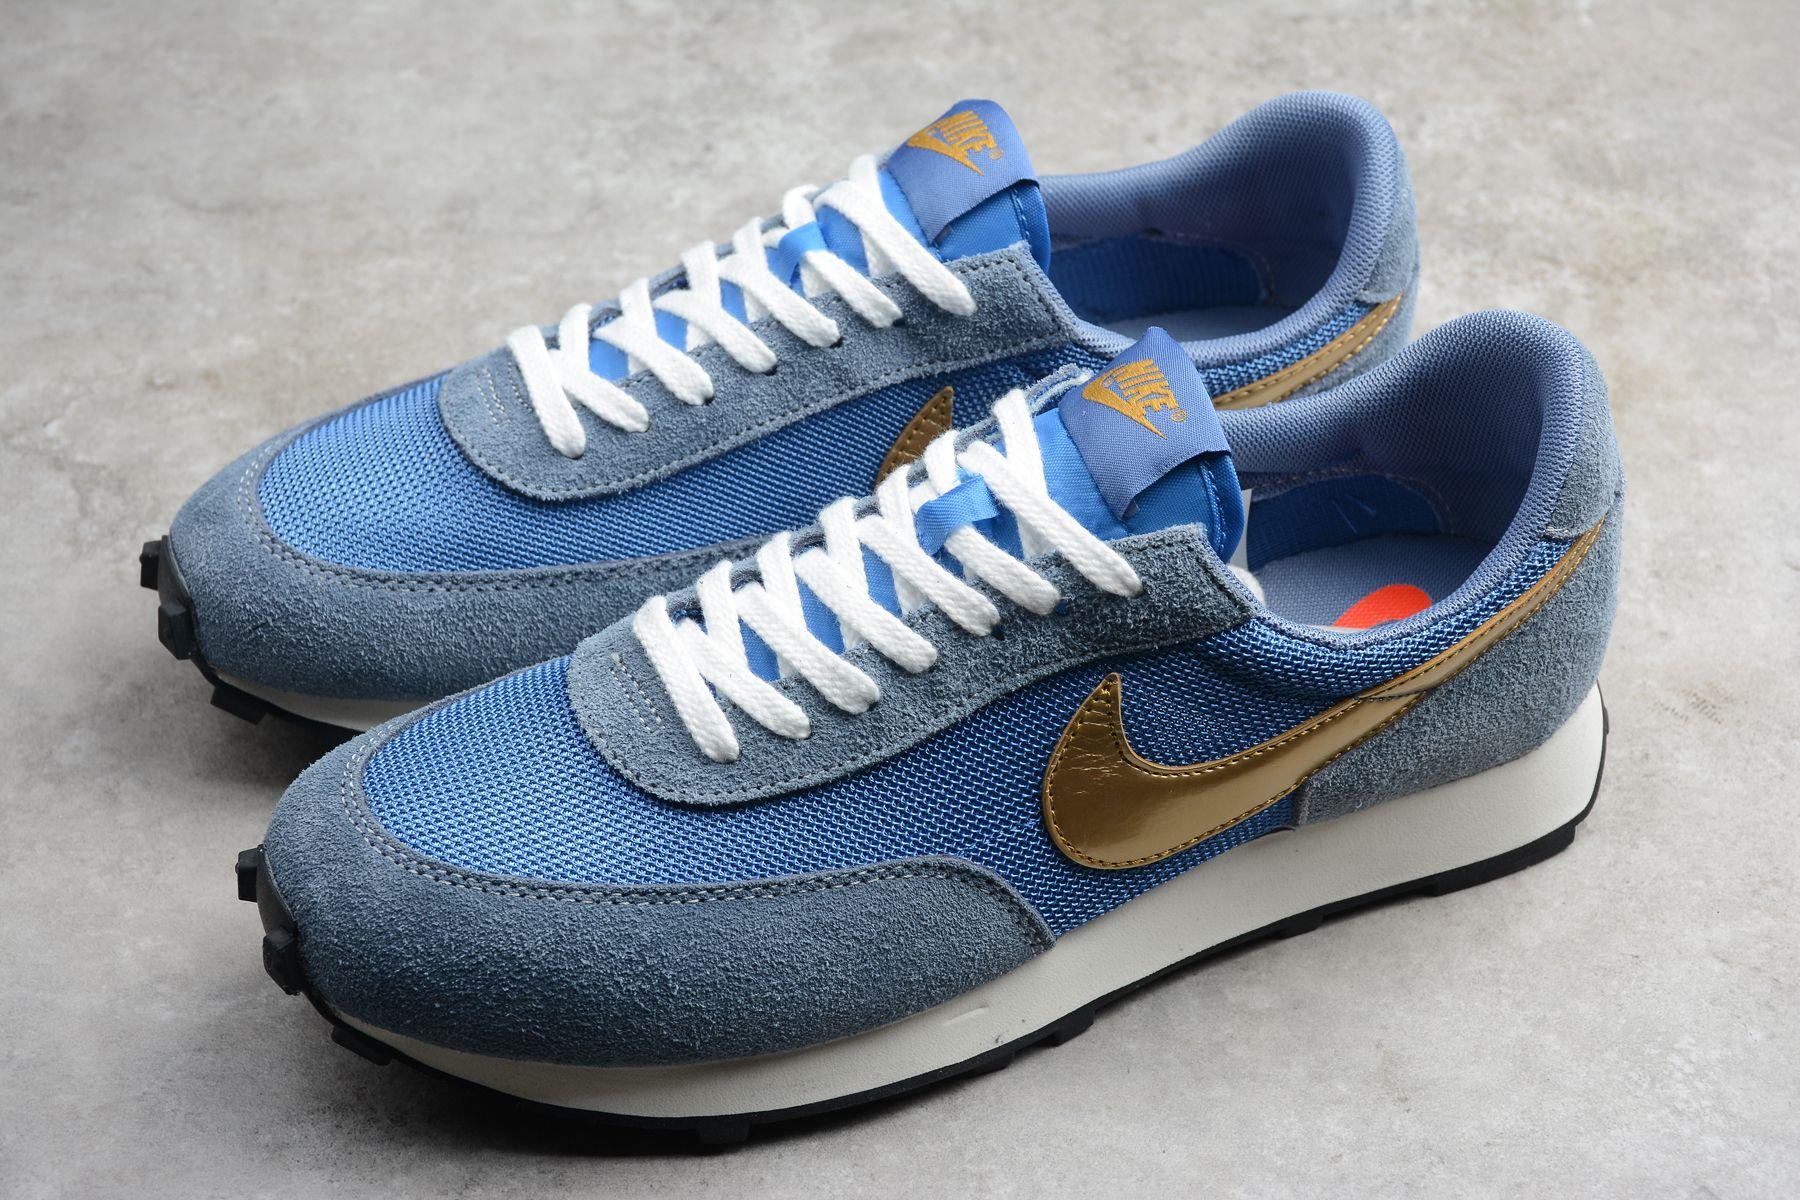 Nike Daybreak Metallic Gold Blue